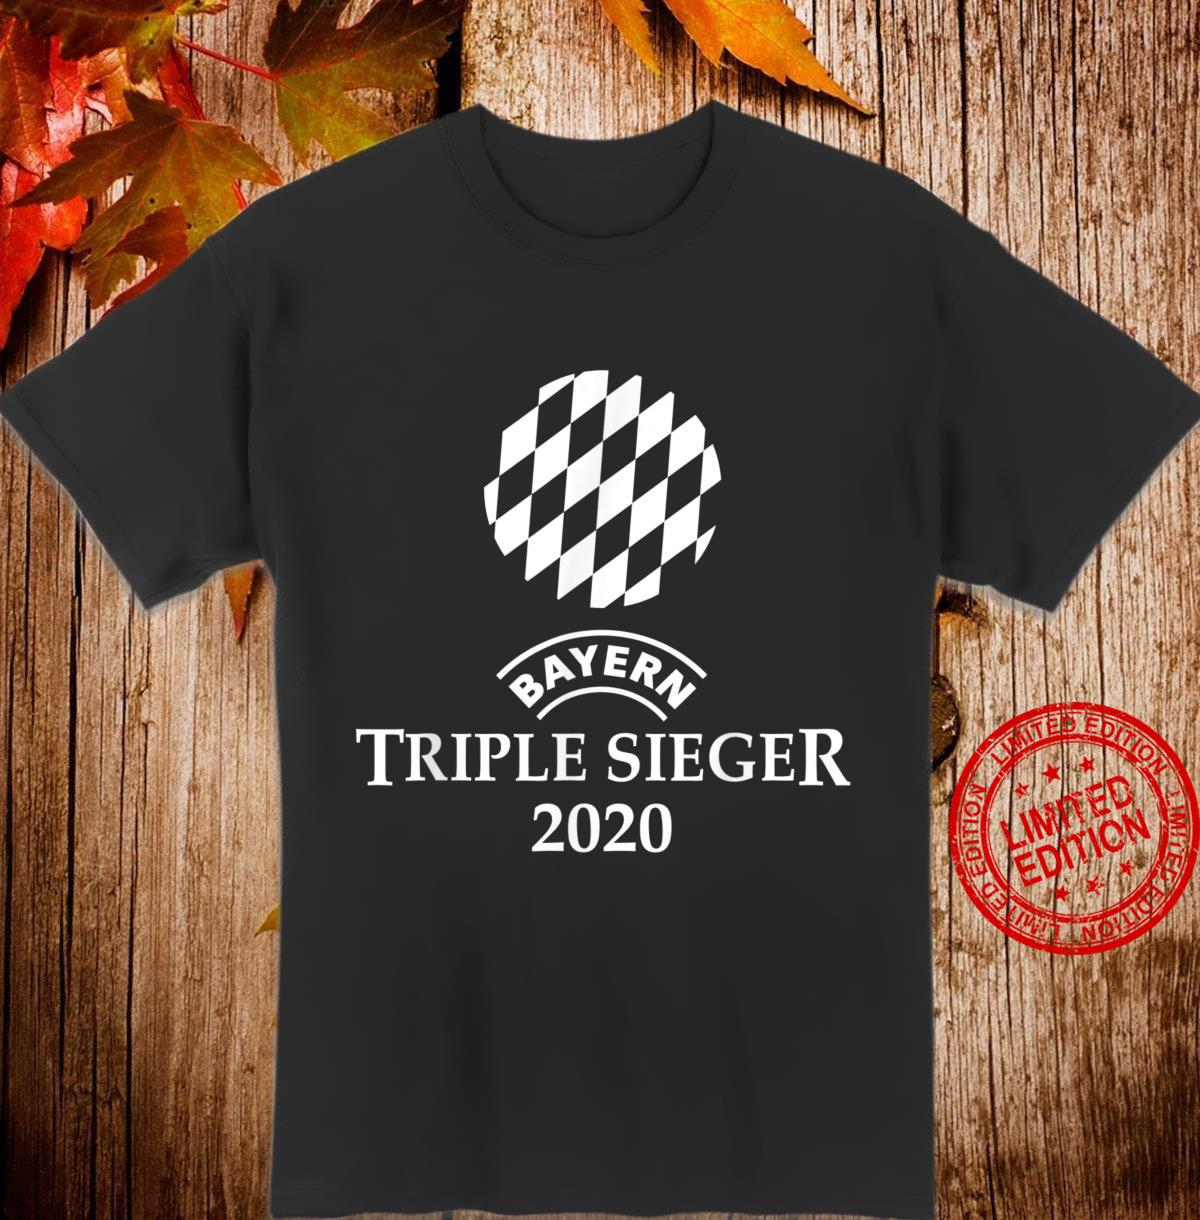 Cooles Schwäbisch Spätzle Spruch Shirt als Geschenkidee Shirt